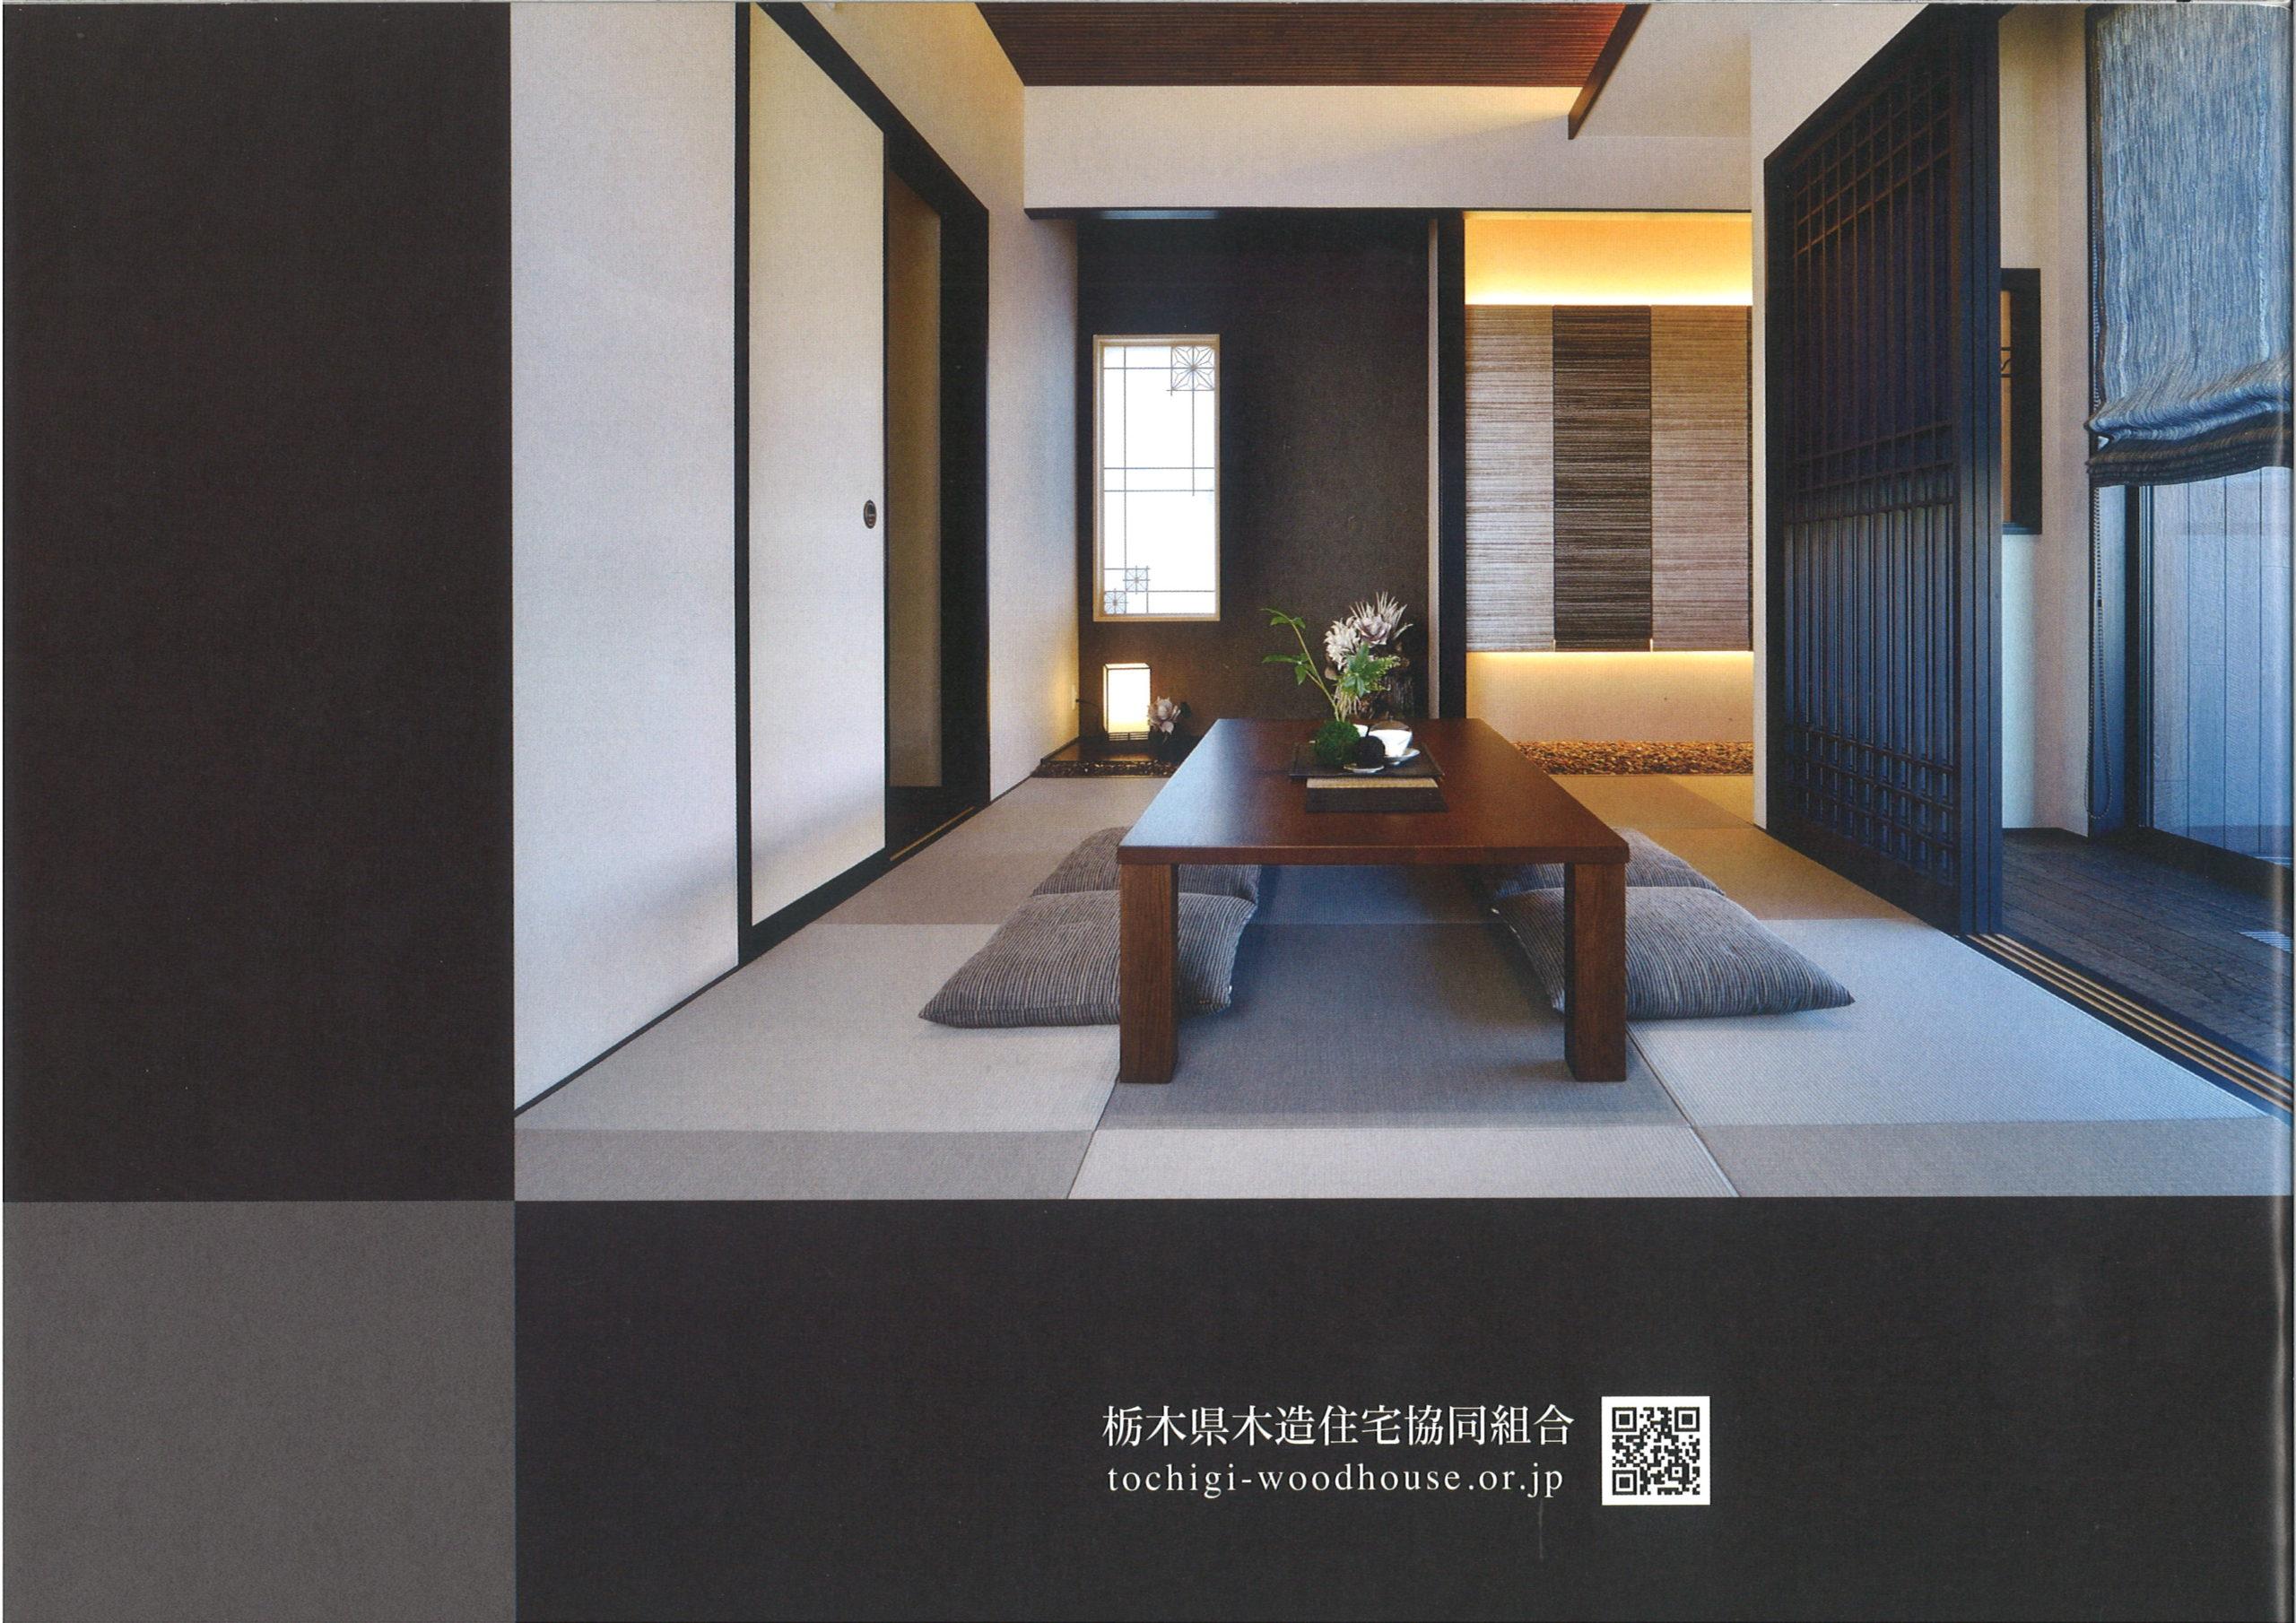 栃木県木造住宅協同組合